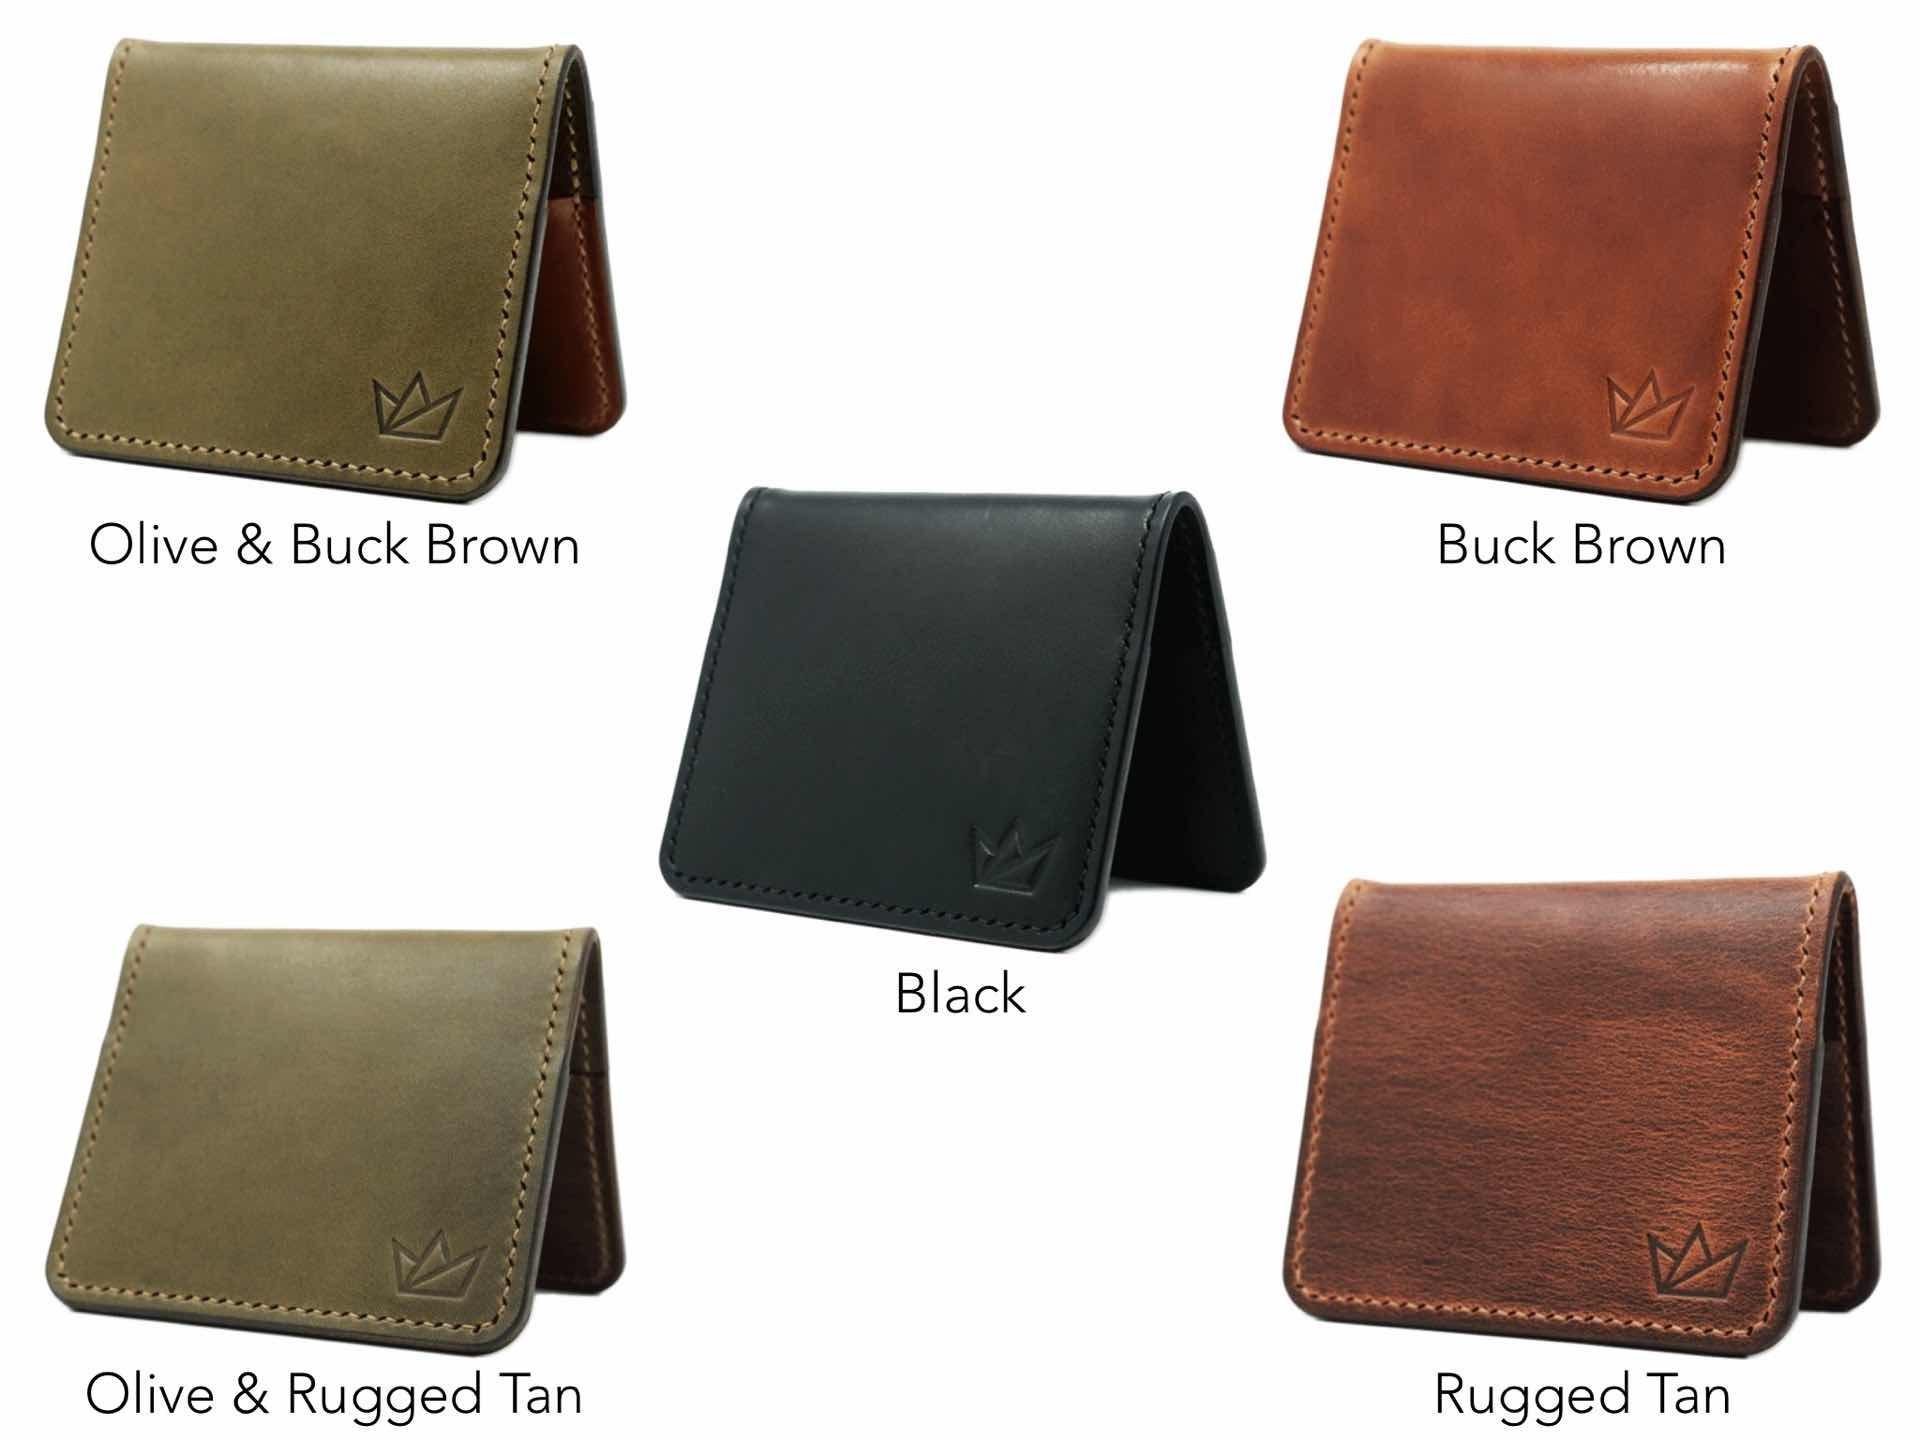 little-king-goods-v2-leather-wallet-colors